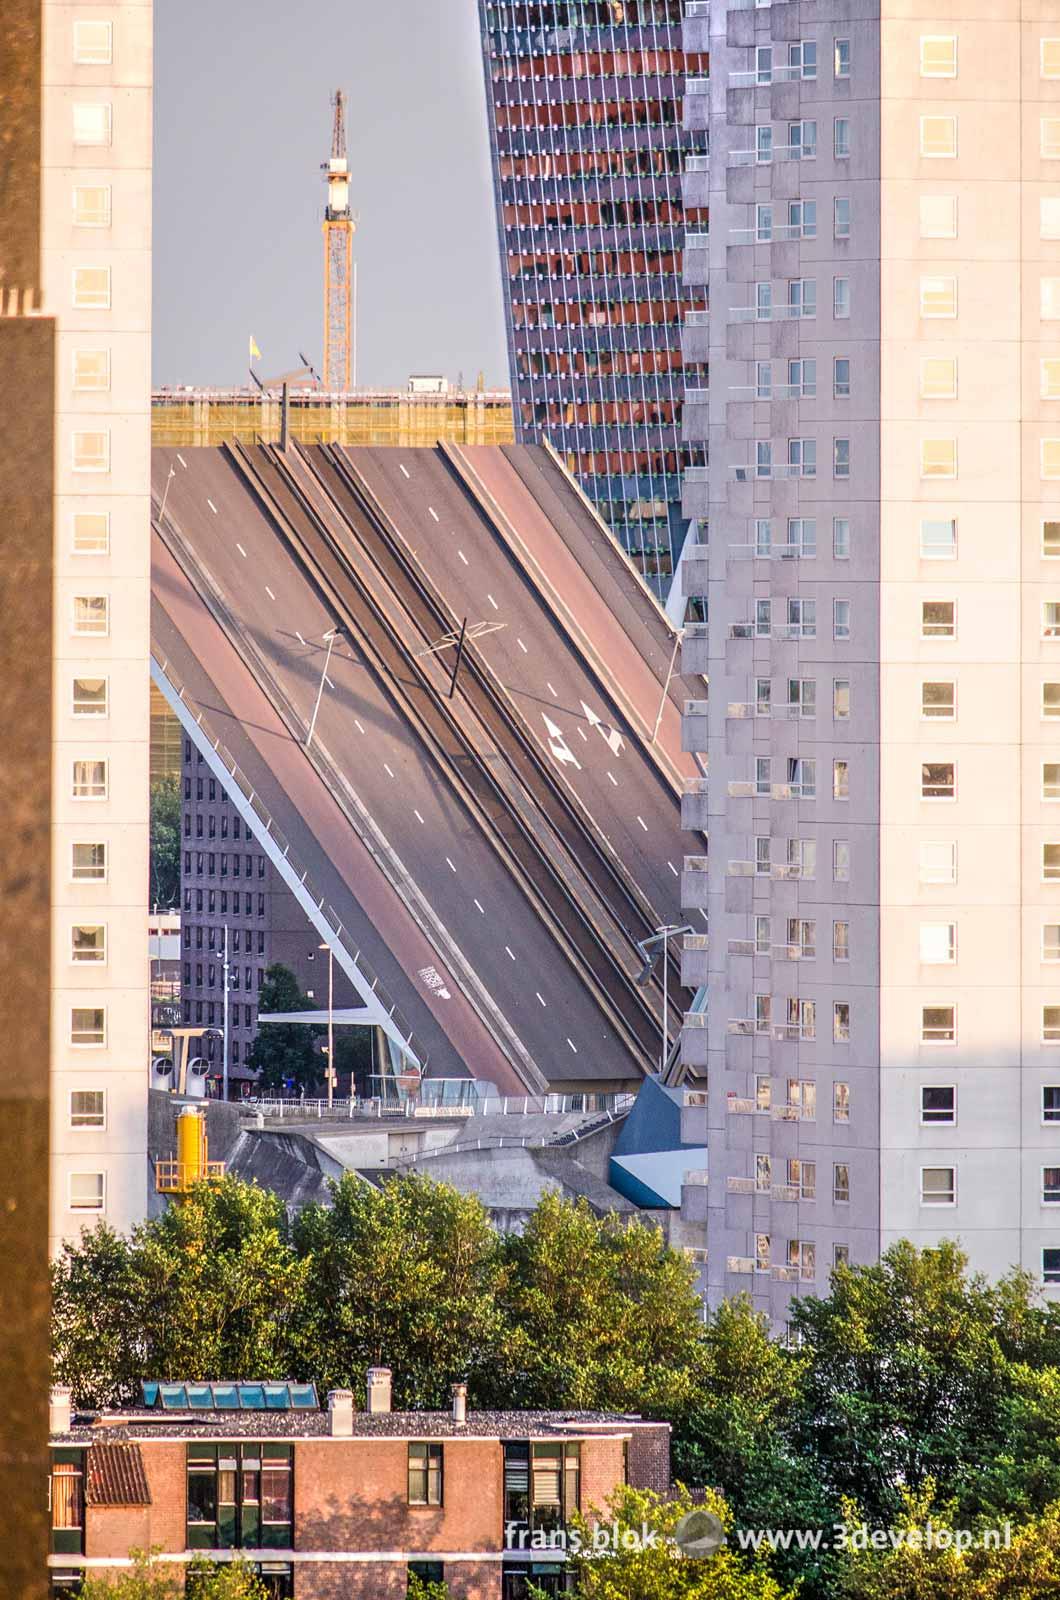 Doorkijkje vanaf het Erasmushuis in Rotterdam naar het beweegbare deel van de Erasmusbrug in geopende stand.